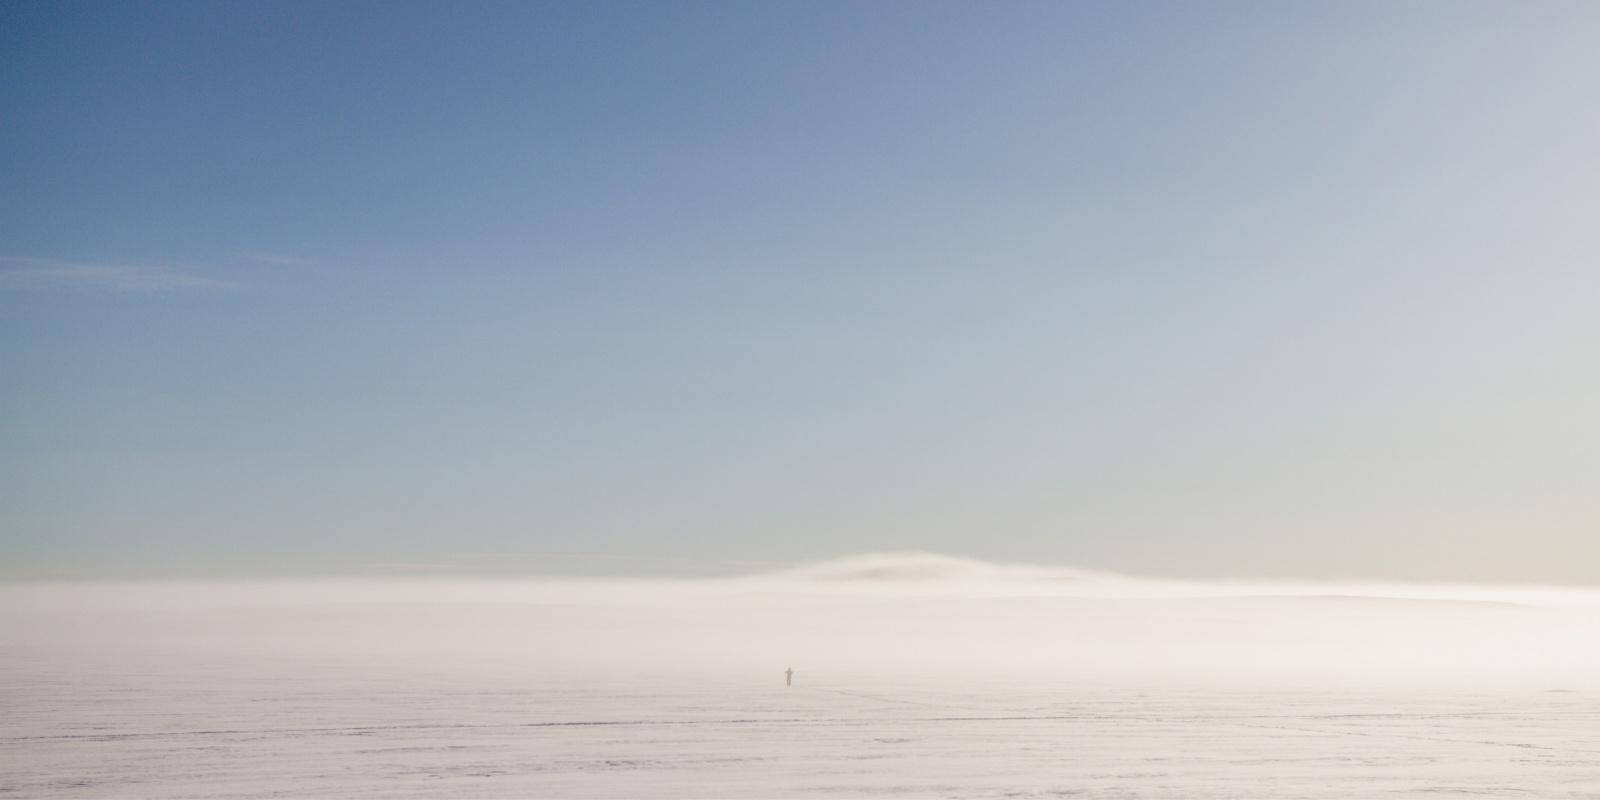 Sandqvist adventure: